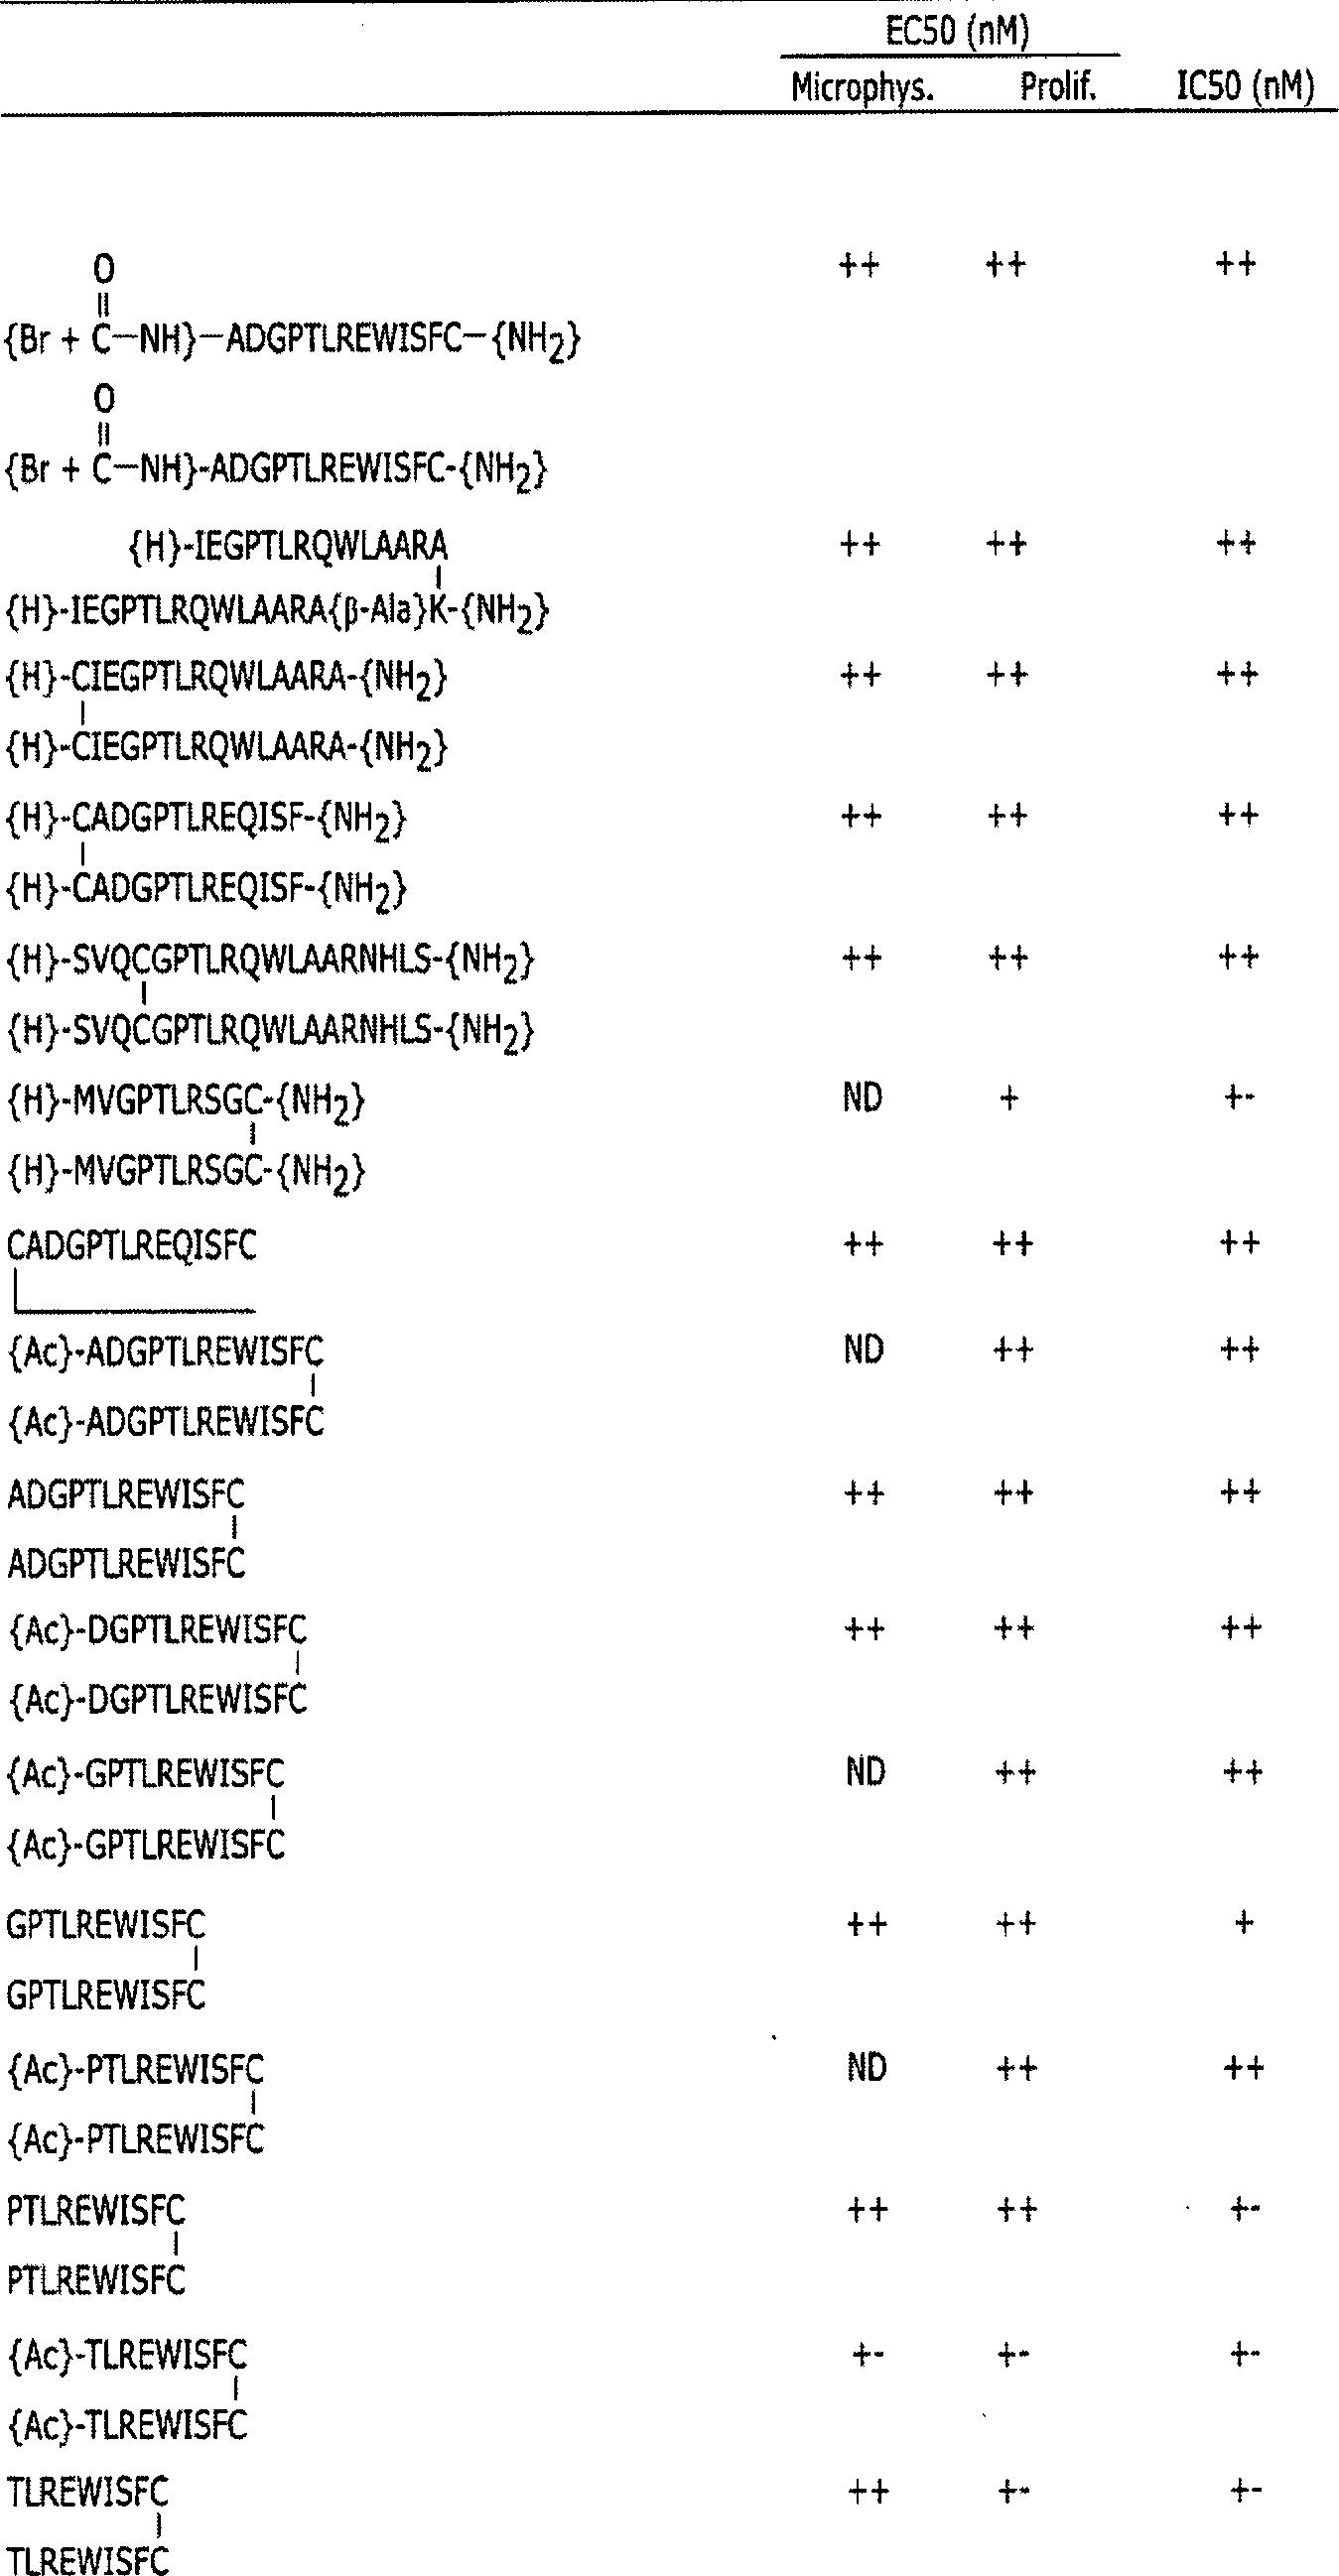 Ionen-Zwitterion-Aminosäuren zur Gewichtsreduktion